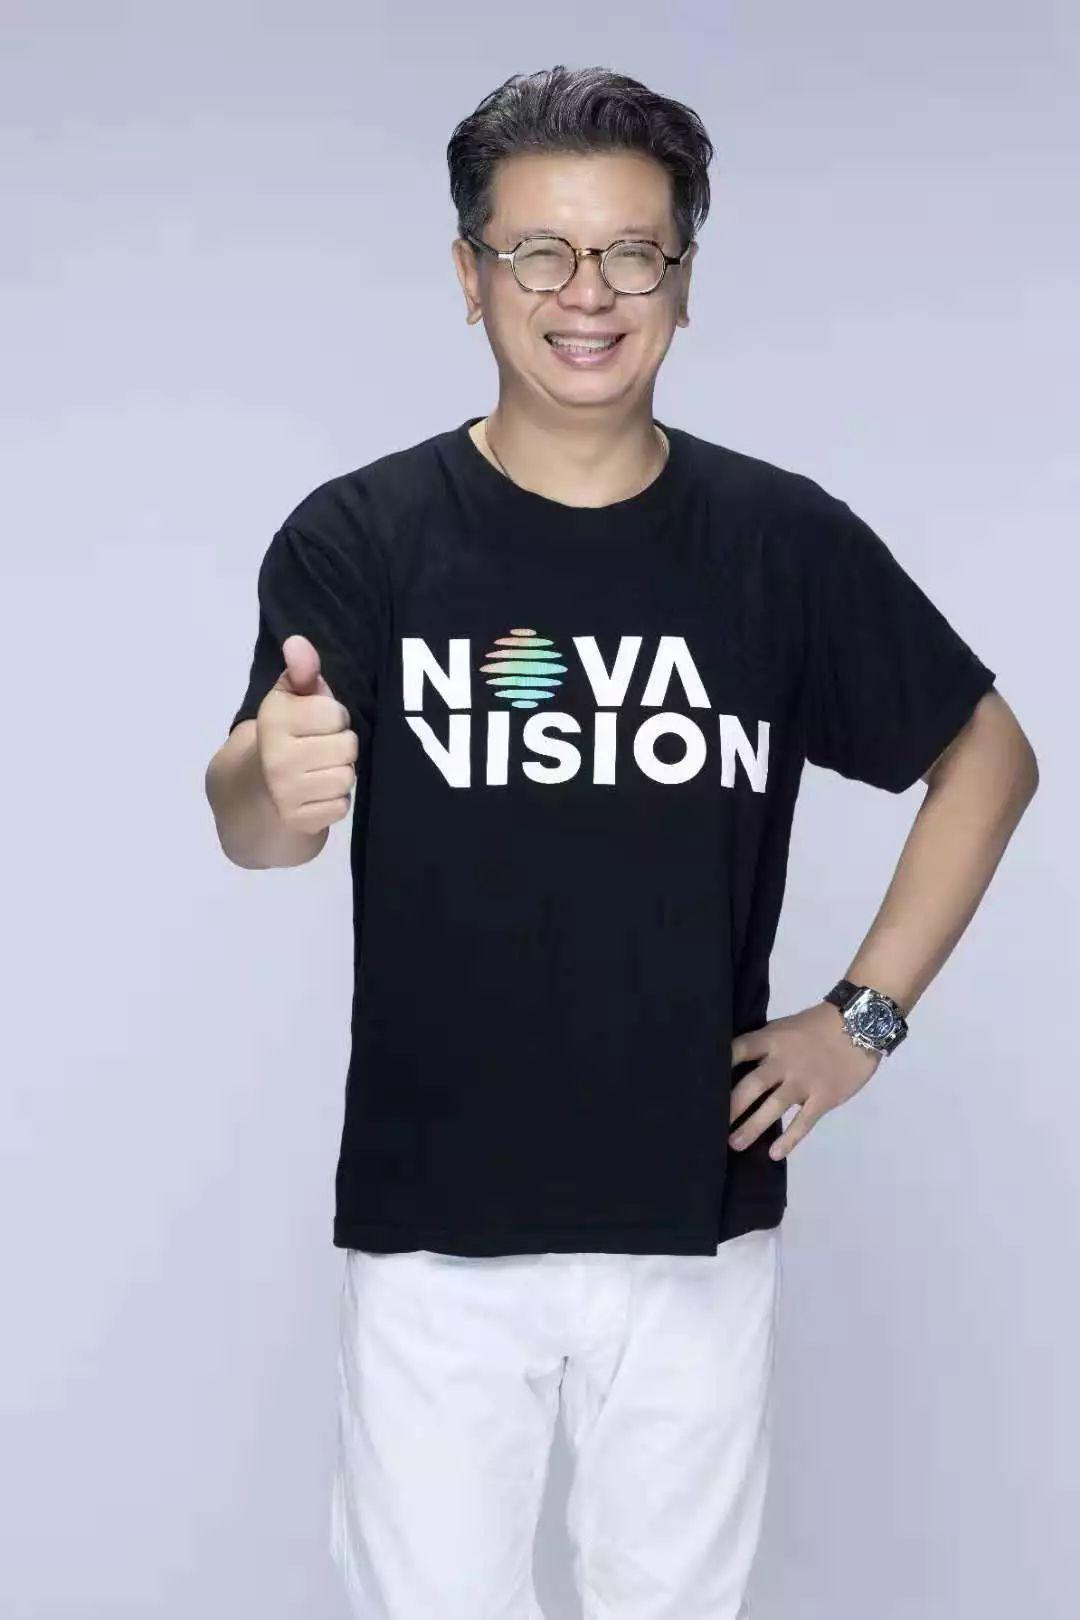 人物 | 王智民:我贩卖的不是眼镜,是对商业的洞察